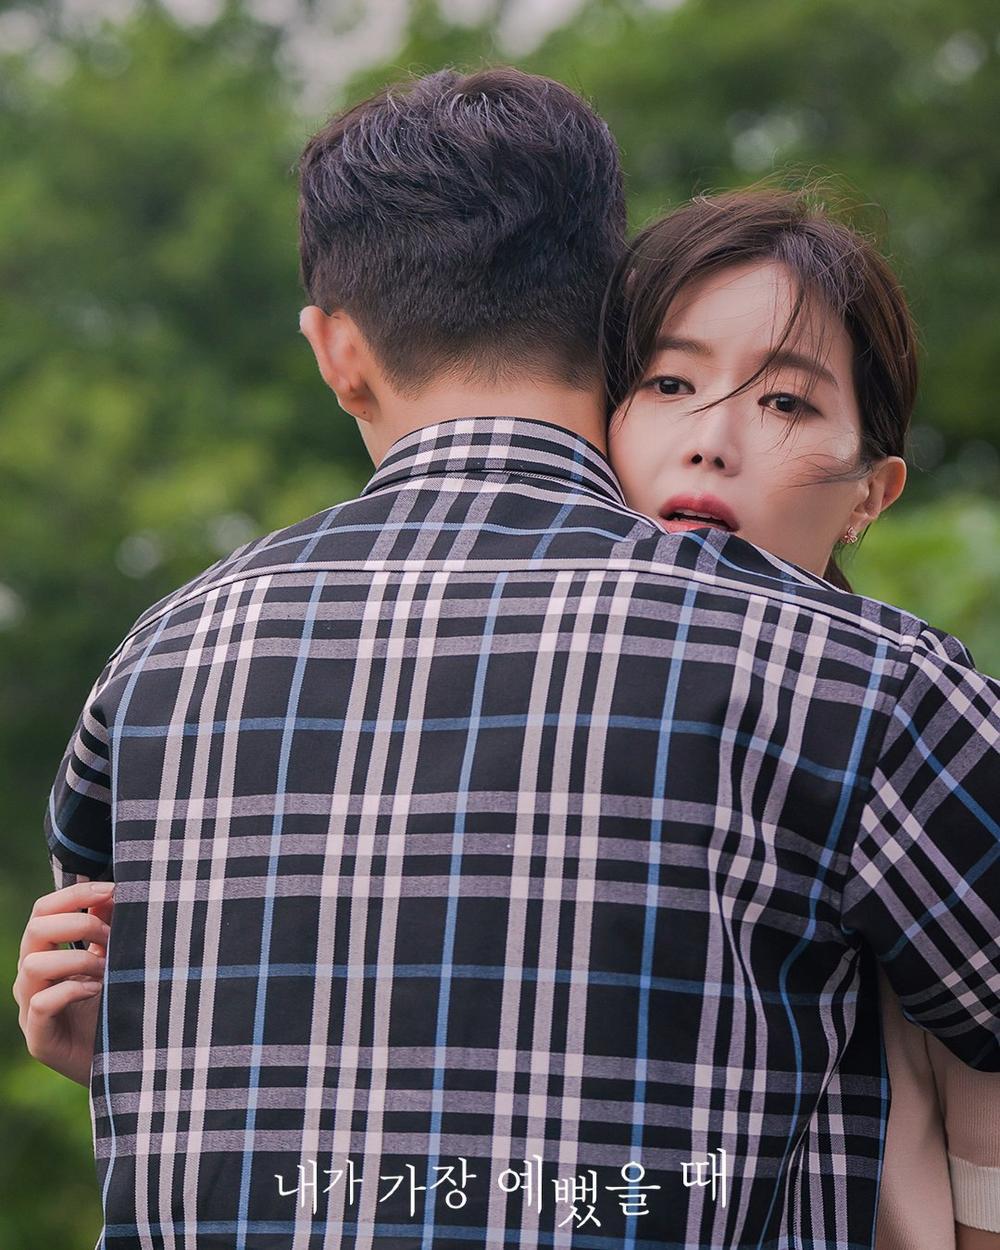 Phim của Im Soo Hyang, Ji Soo và Ha Seok Jin cùng phim của Moon Chae Won và Lee Joon Gi đều đạt rating cao nhất kể từ khi lên sóng Ảnh 3